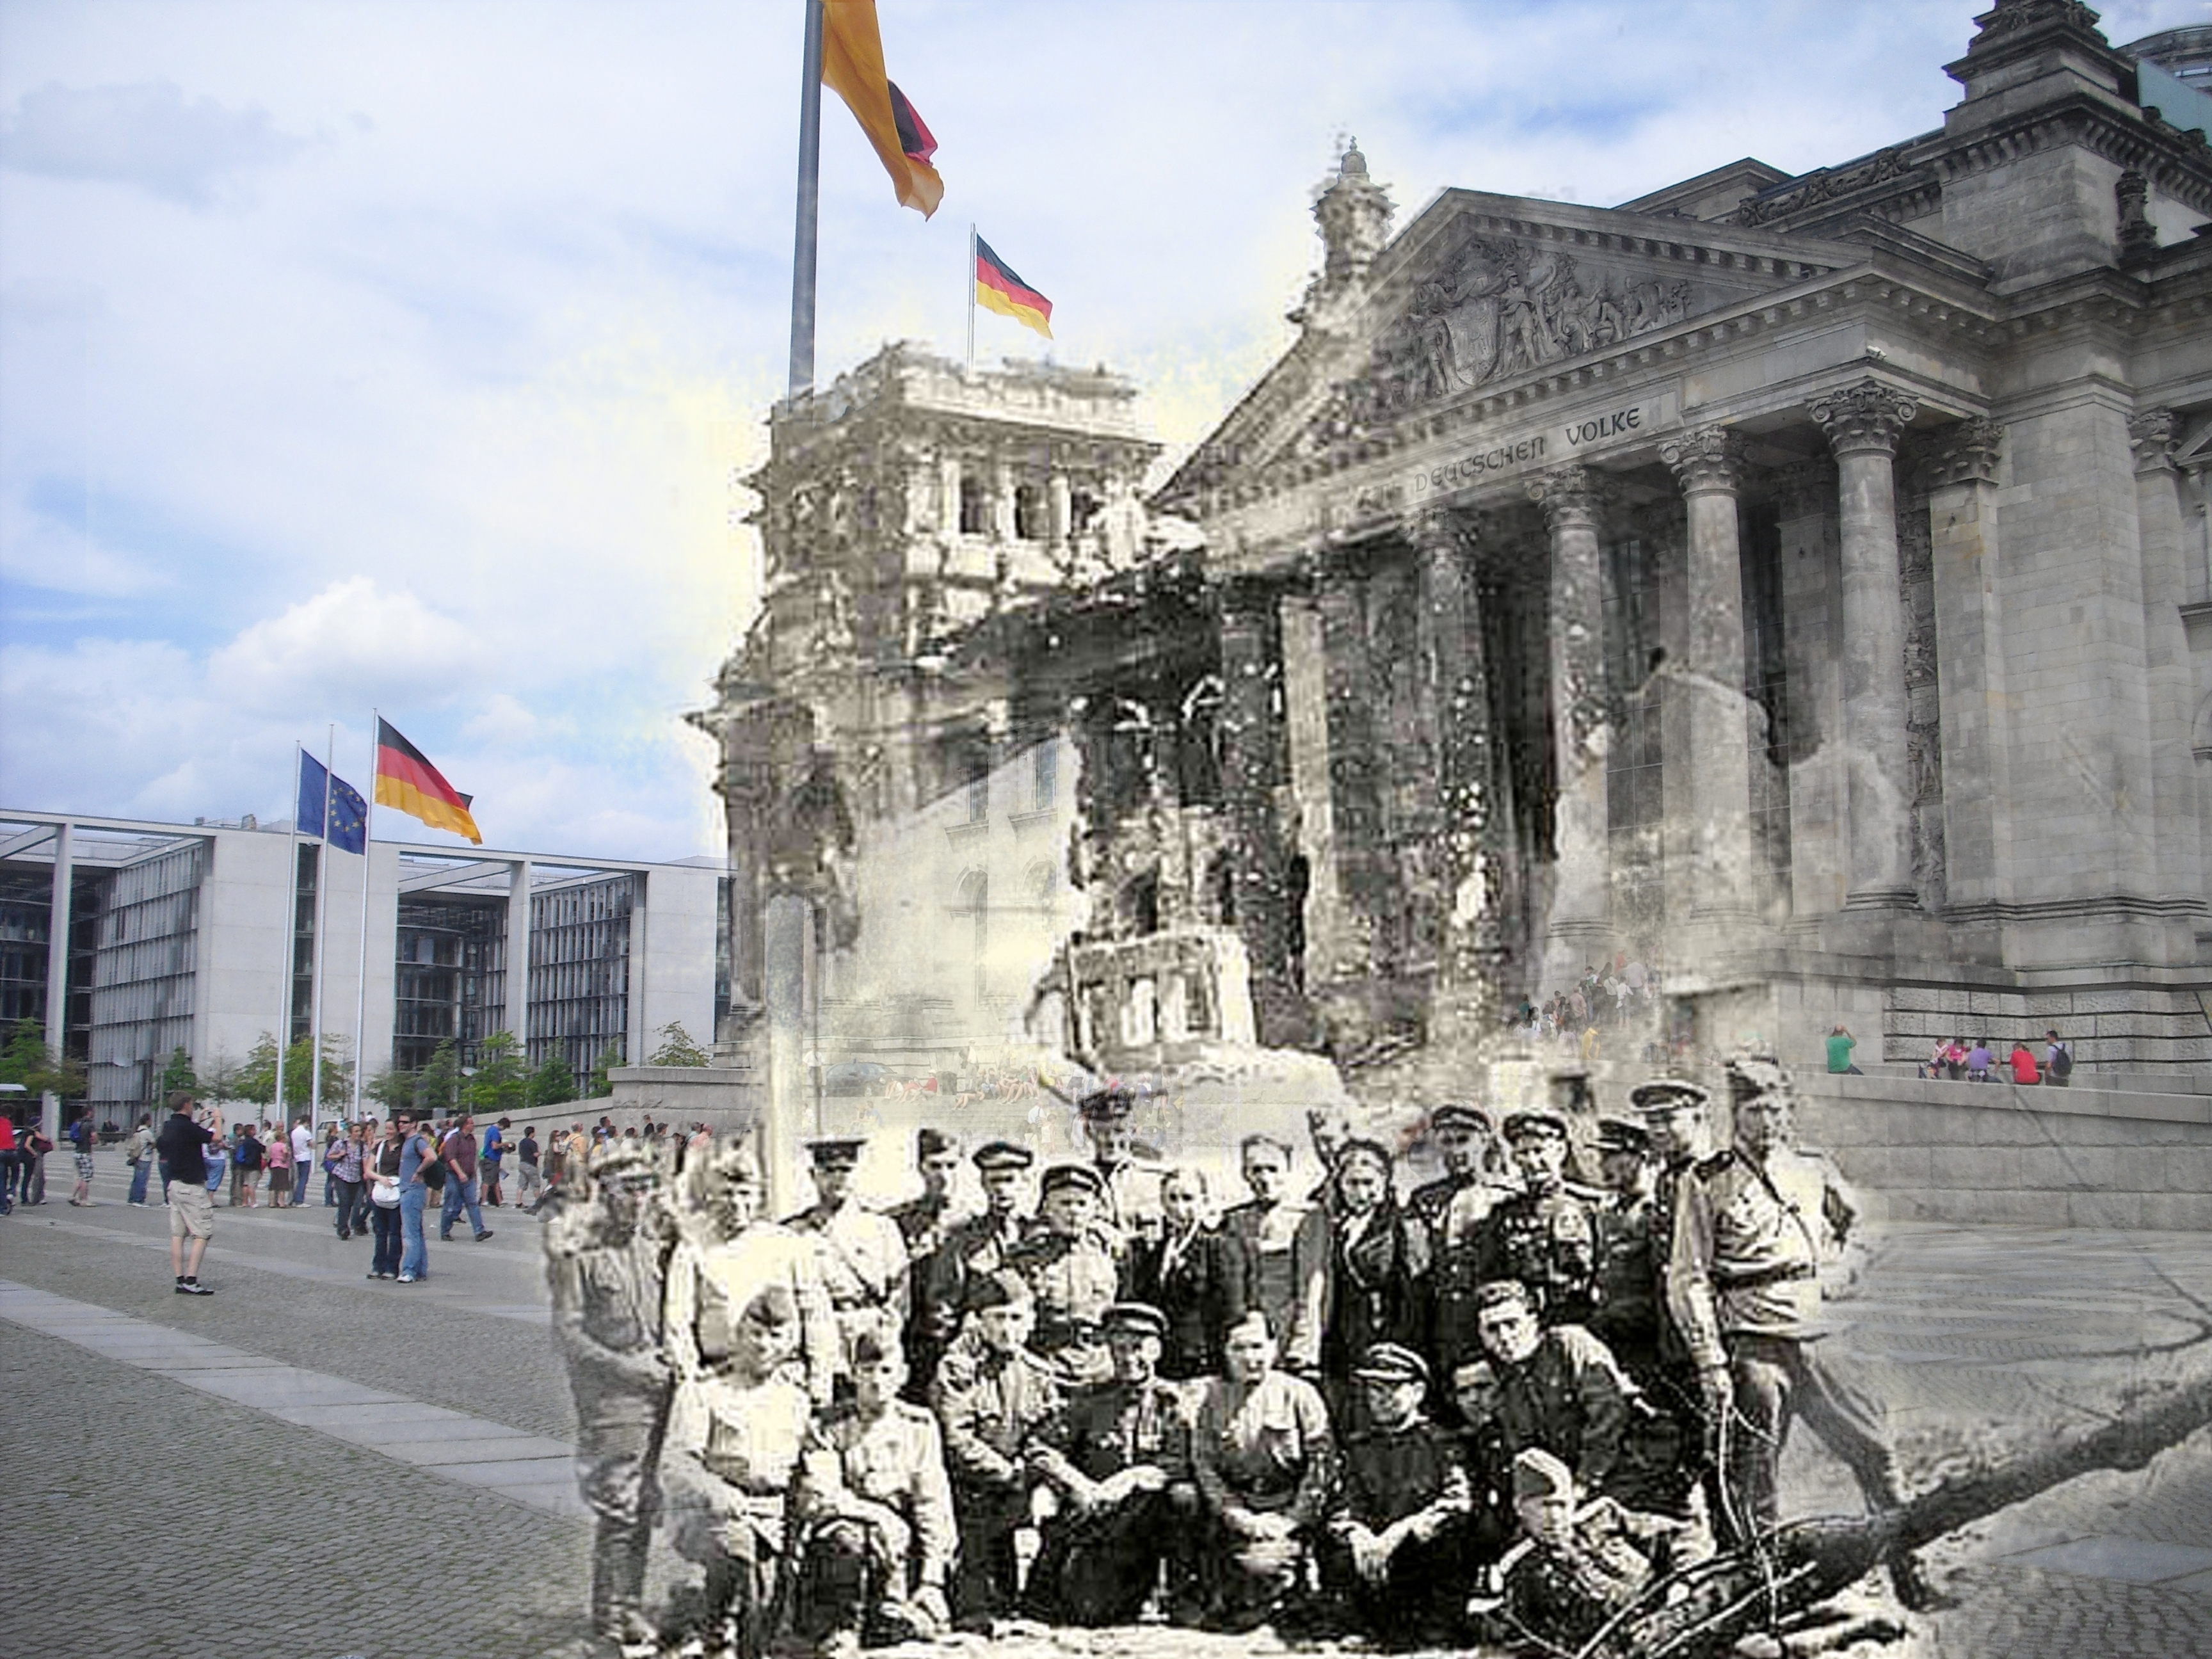 поздравления с днем победы взятия рейхстага фото хвосты